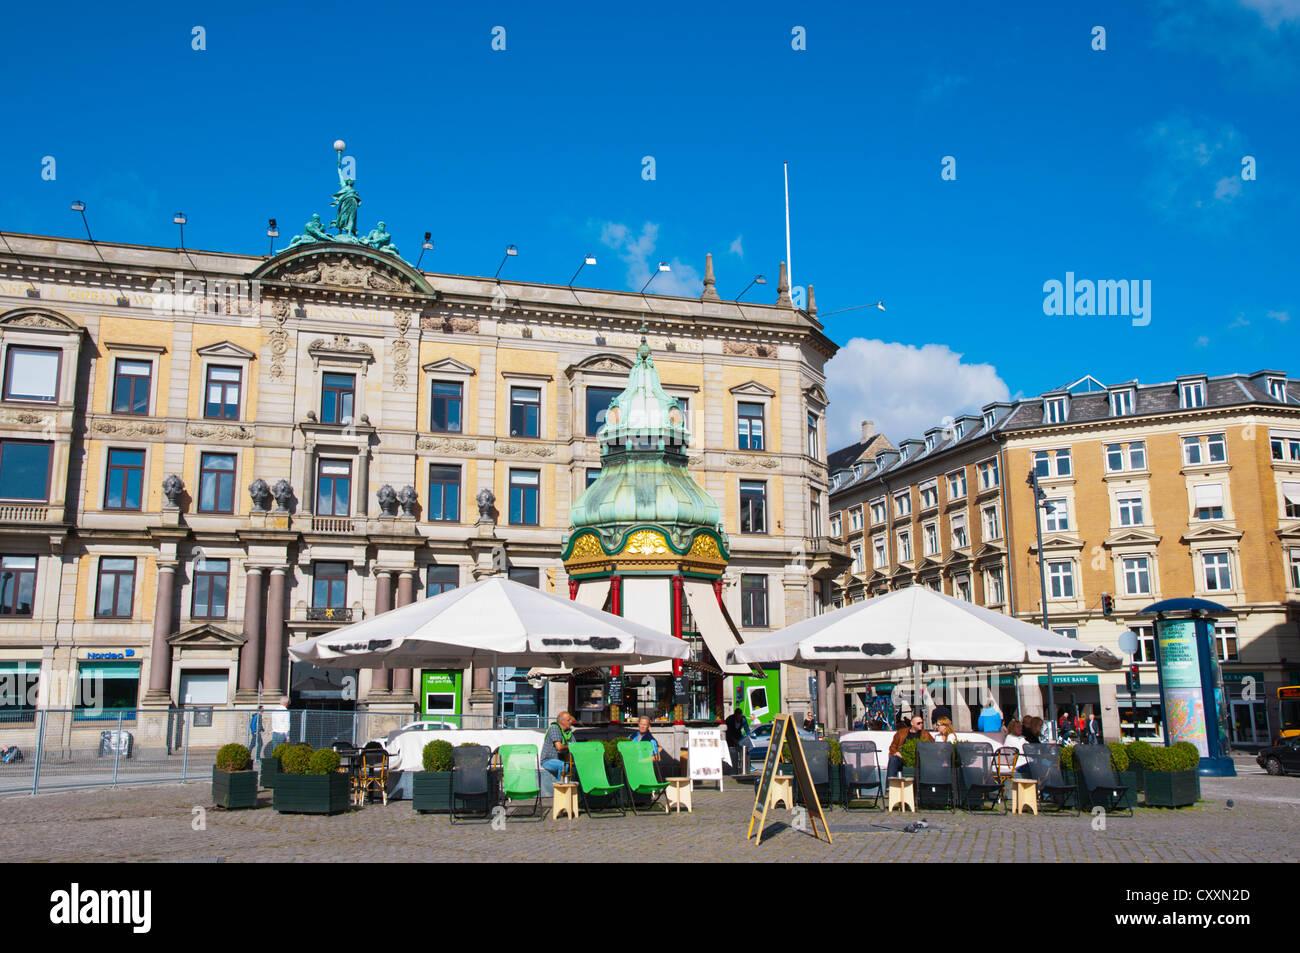 Outdoor cafe Kongens nytorv square central Copenhagen Denmark Europe - Stock Image